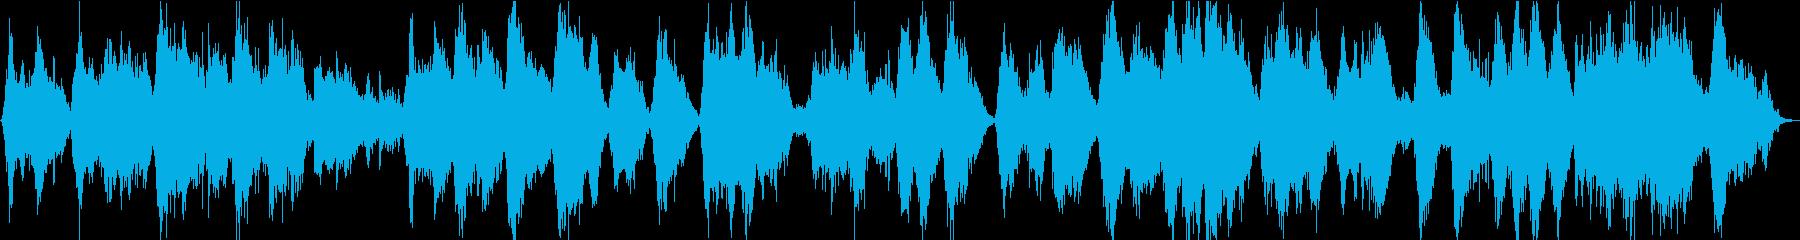 シンセ主体 空間が広がる癒し系BGMの再生済みの波形